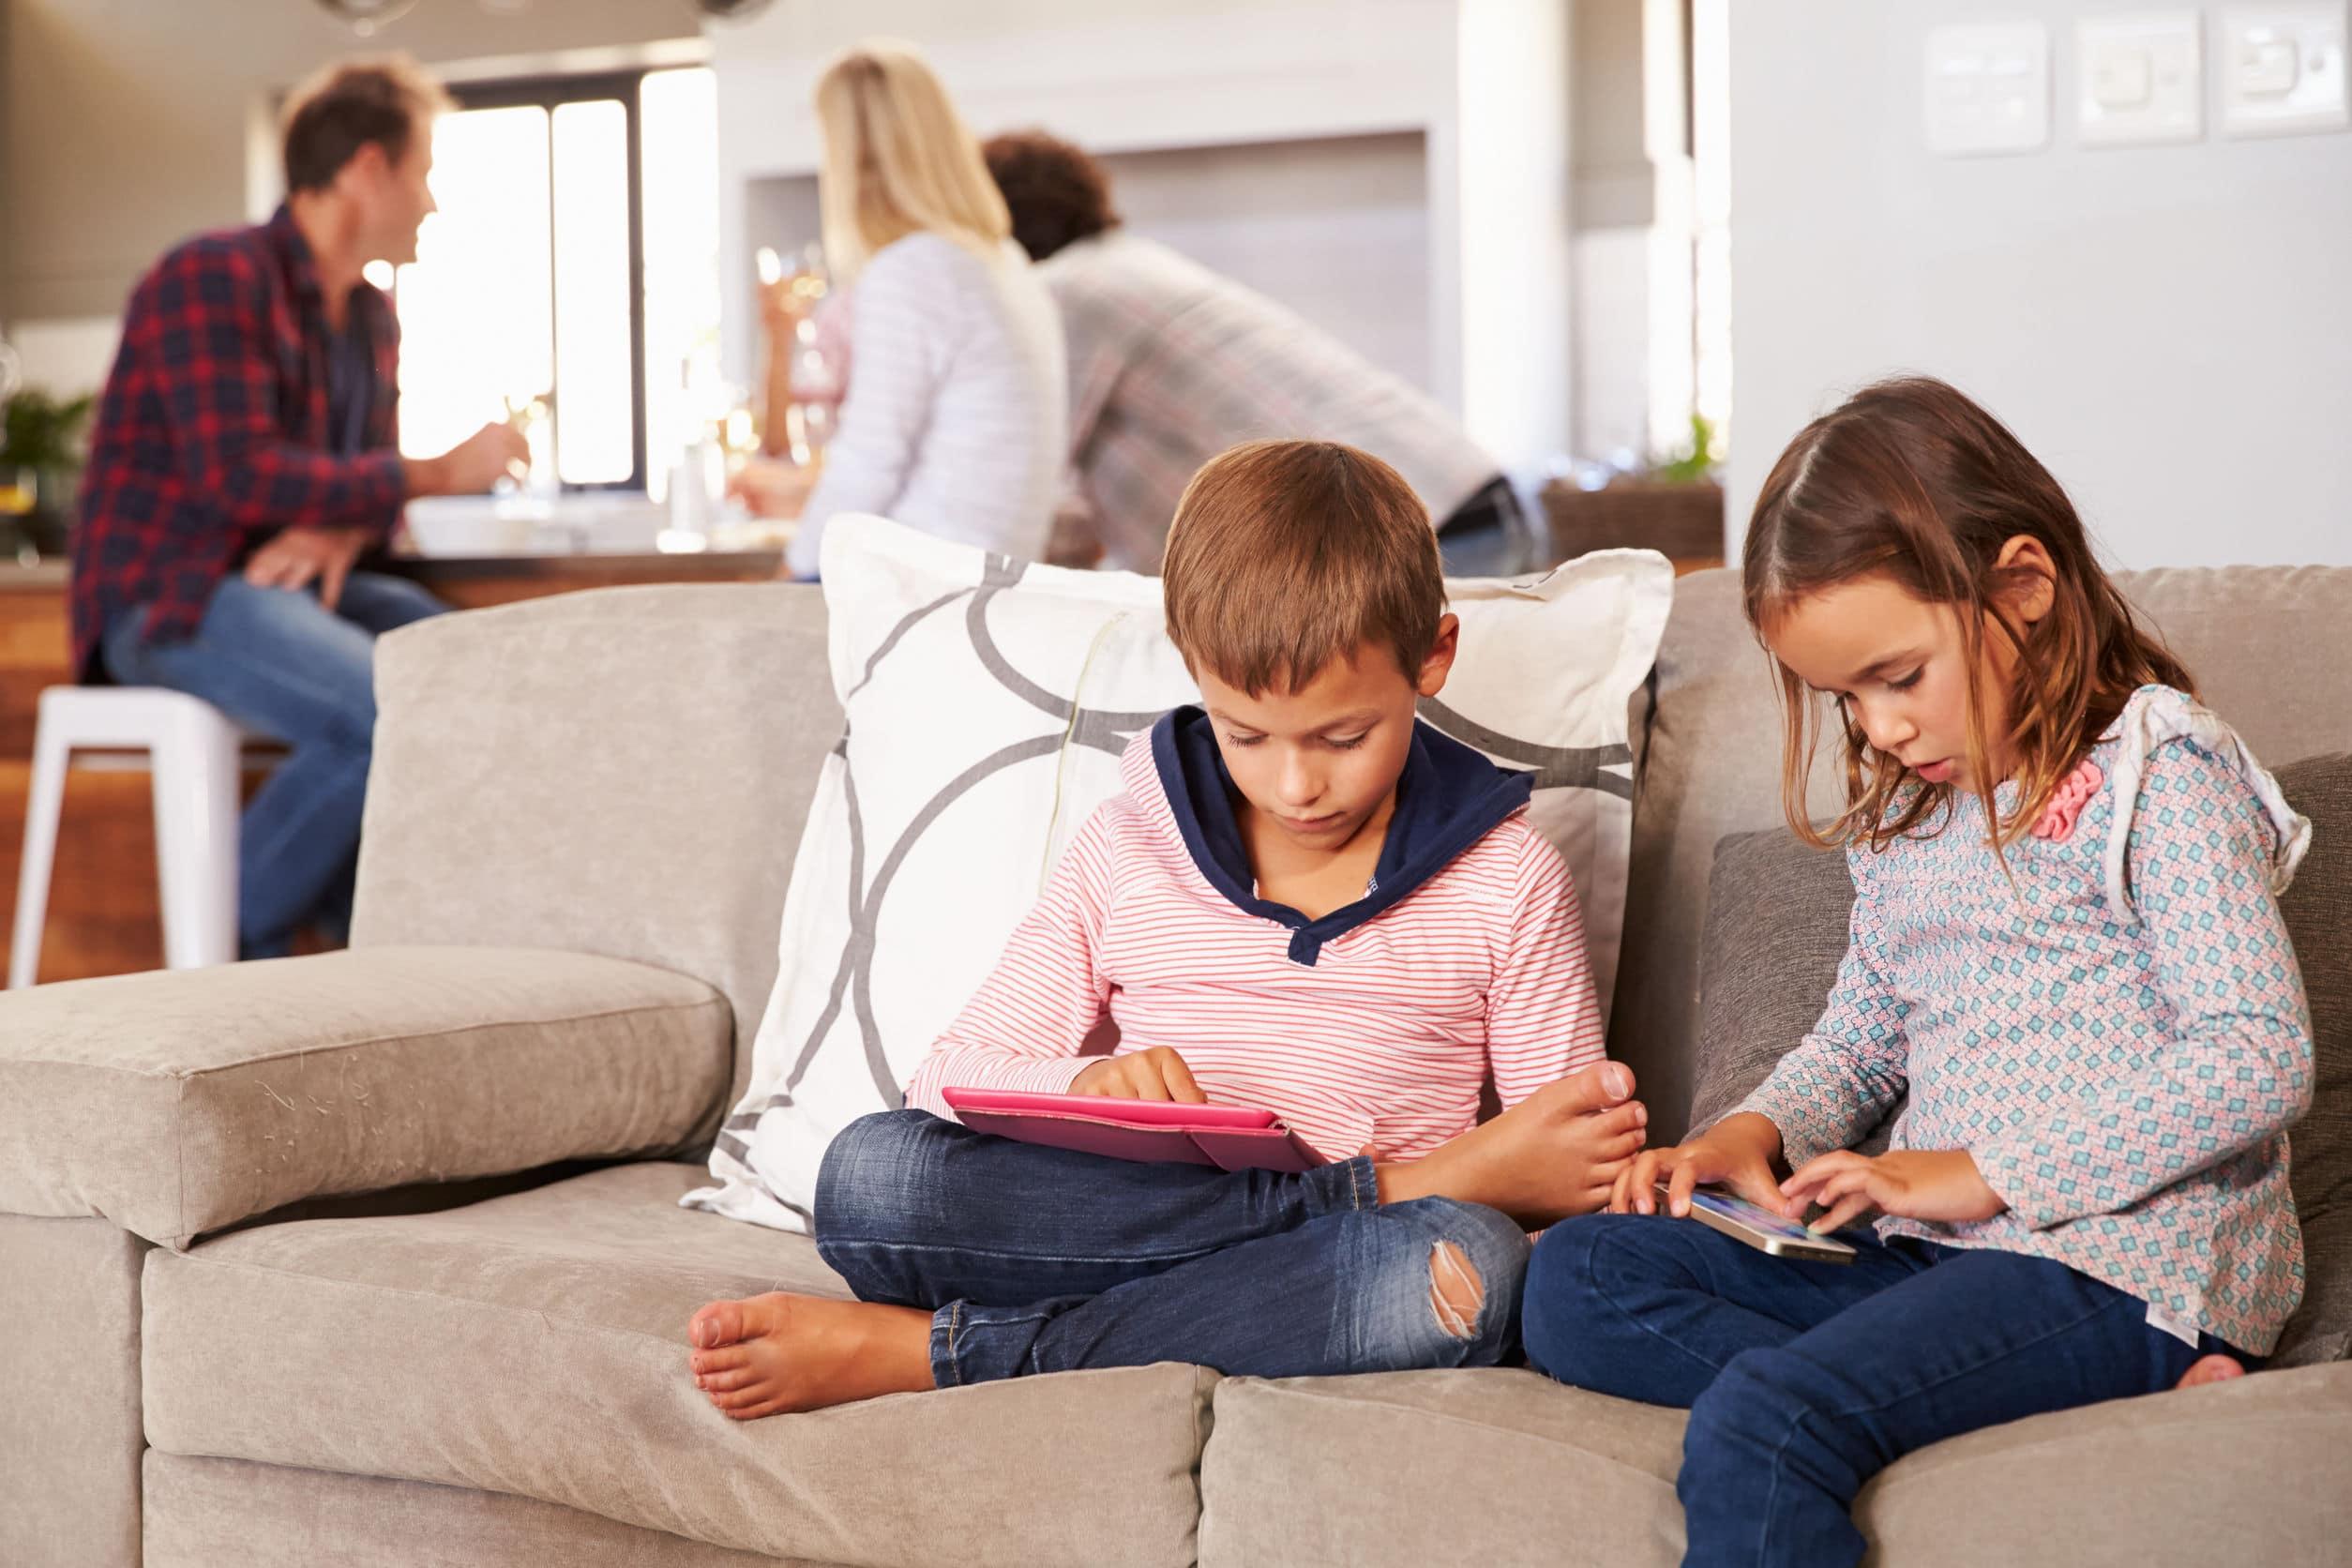 Crianças brincando com aparelhos tecnológicos enquanto os adultos conversam separadamente.